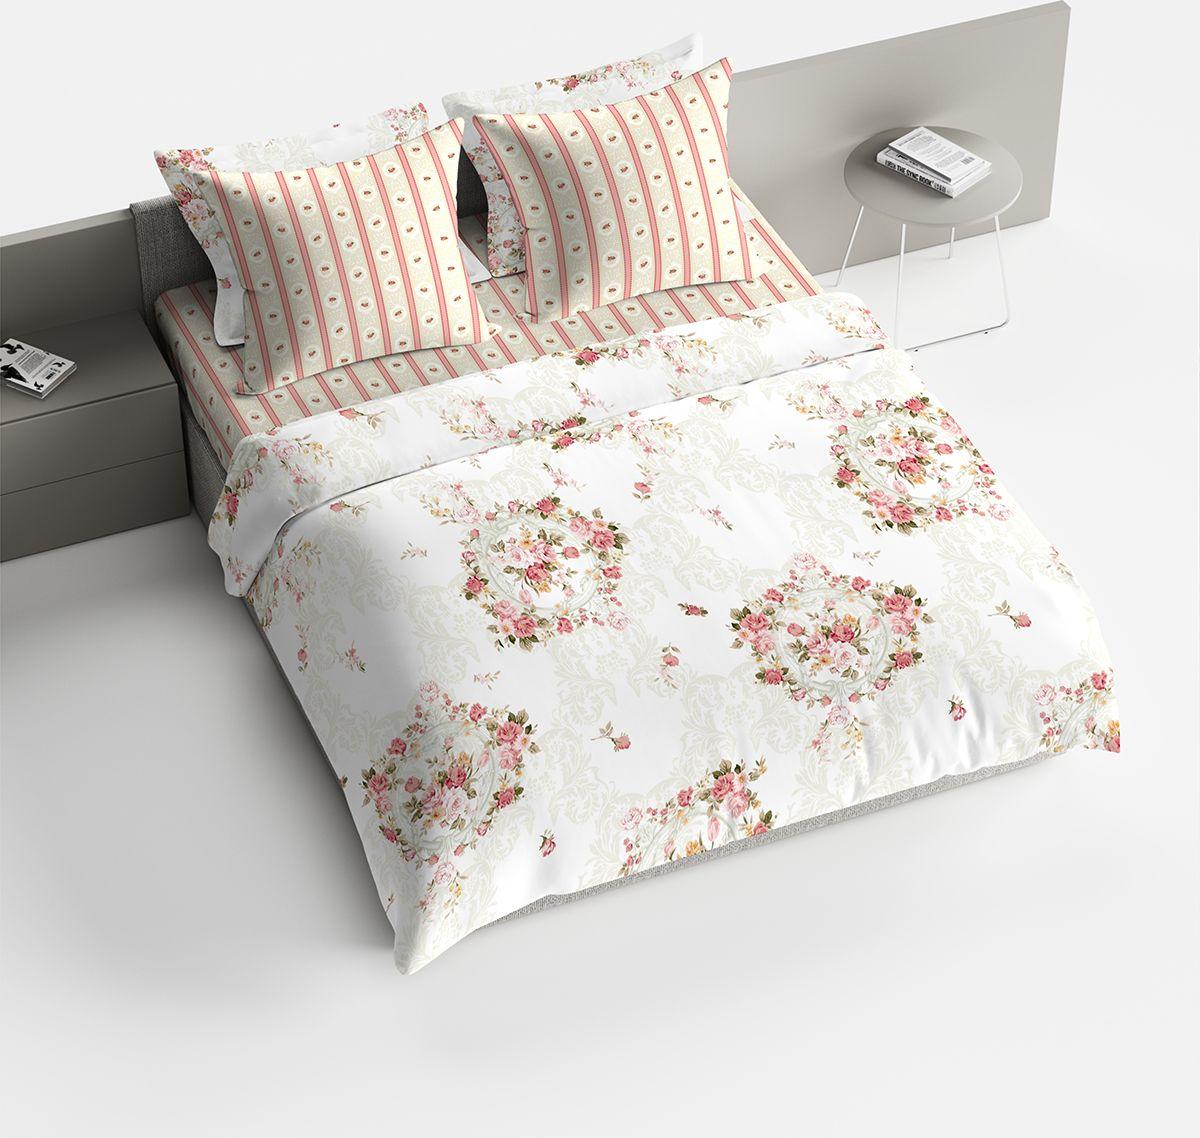 Комплект белья Браво Пробуждение, 2-х спальное, наволочки 70x70, цвет: персиковый. 1842-146082